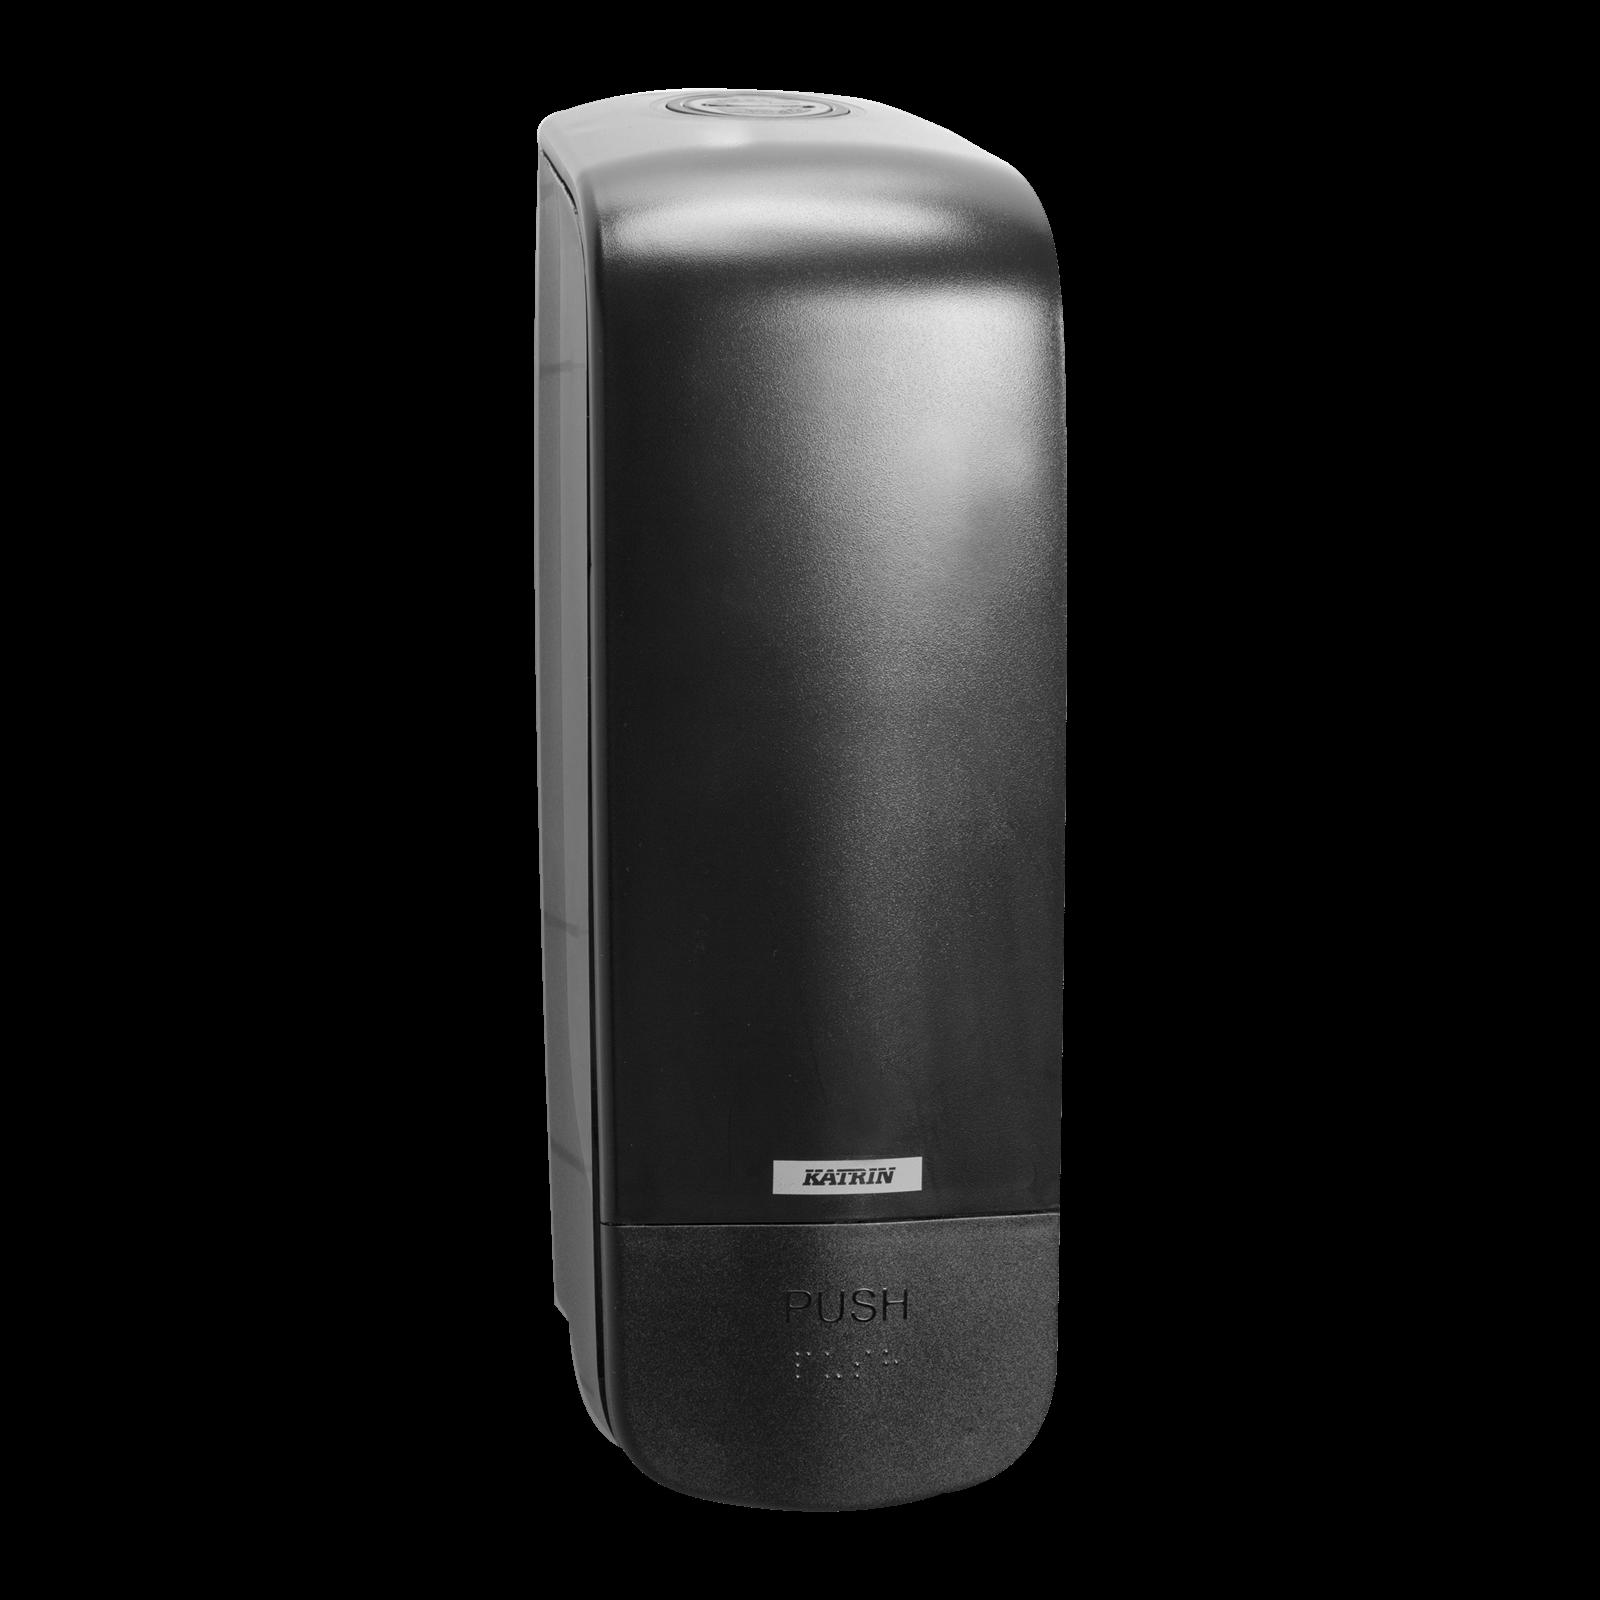 Katrin 92209 Soap Dispenser 1000 ml til sæbe & foam - Sort plast